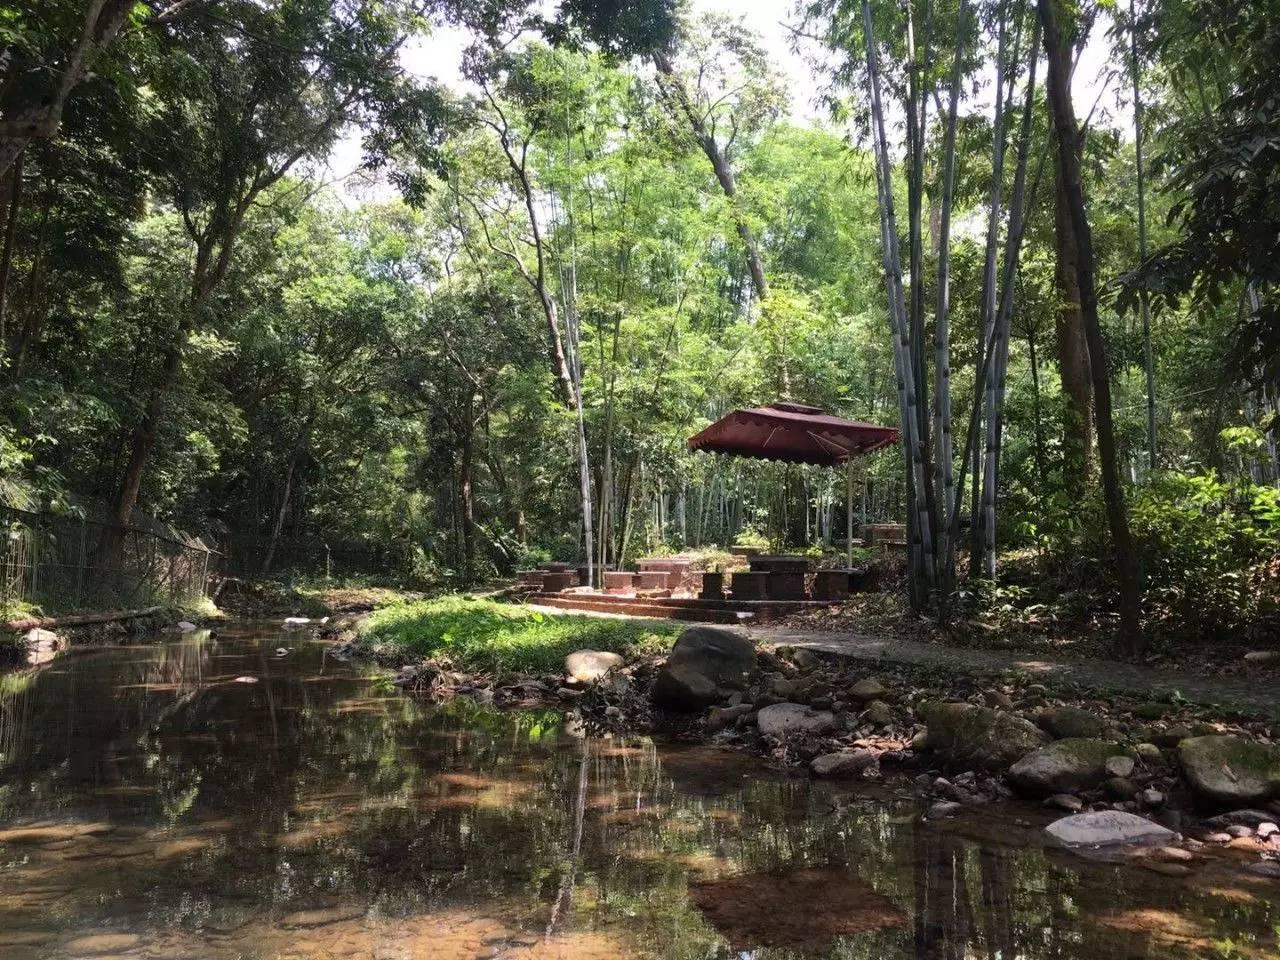 【龙门】南昆山麓下的竹林温泉2天直通车,199元/位,享